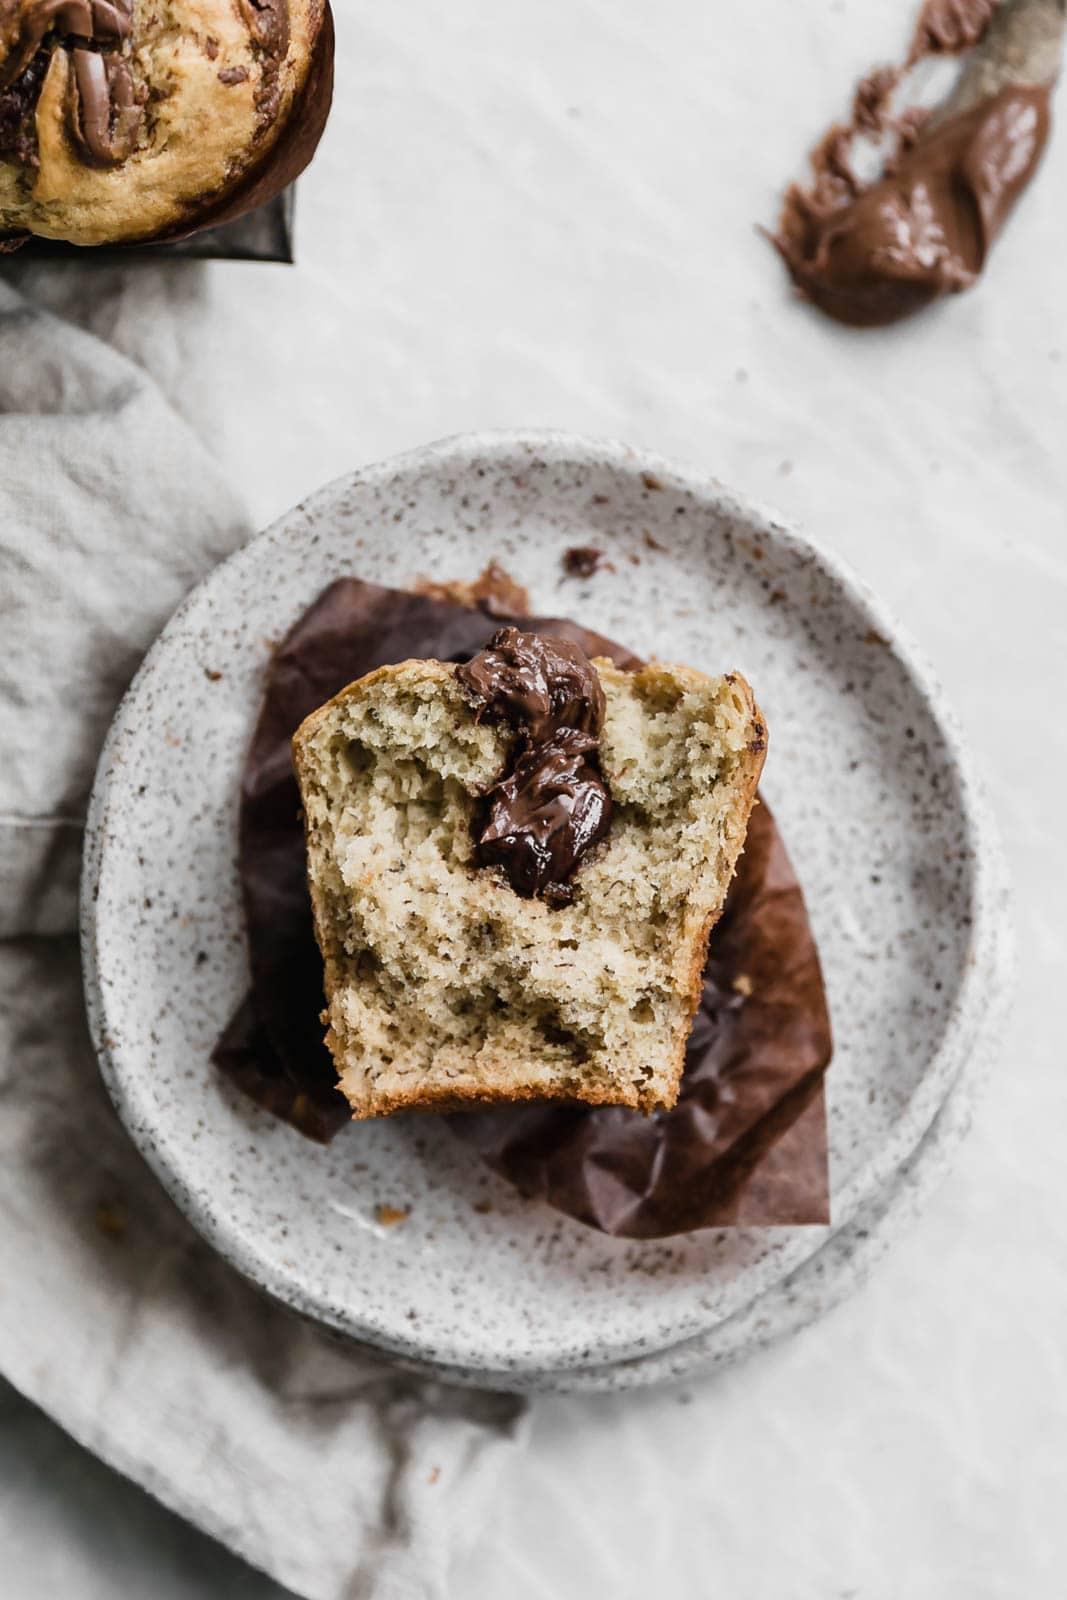 banana nutella muffin cut in half